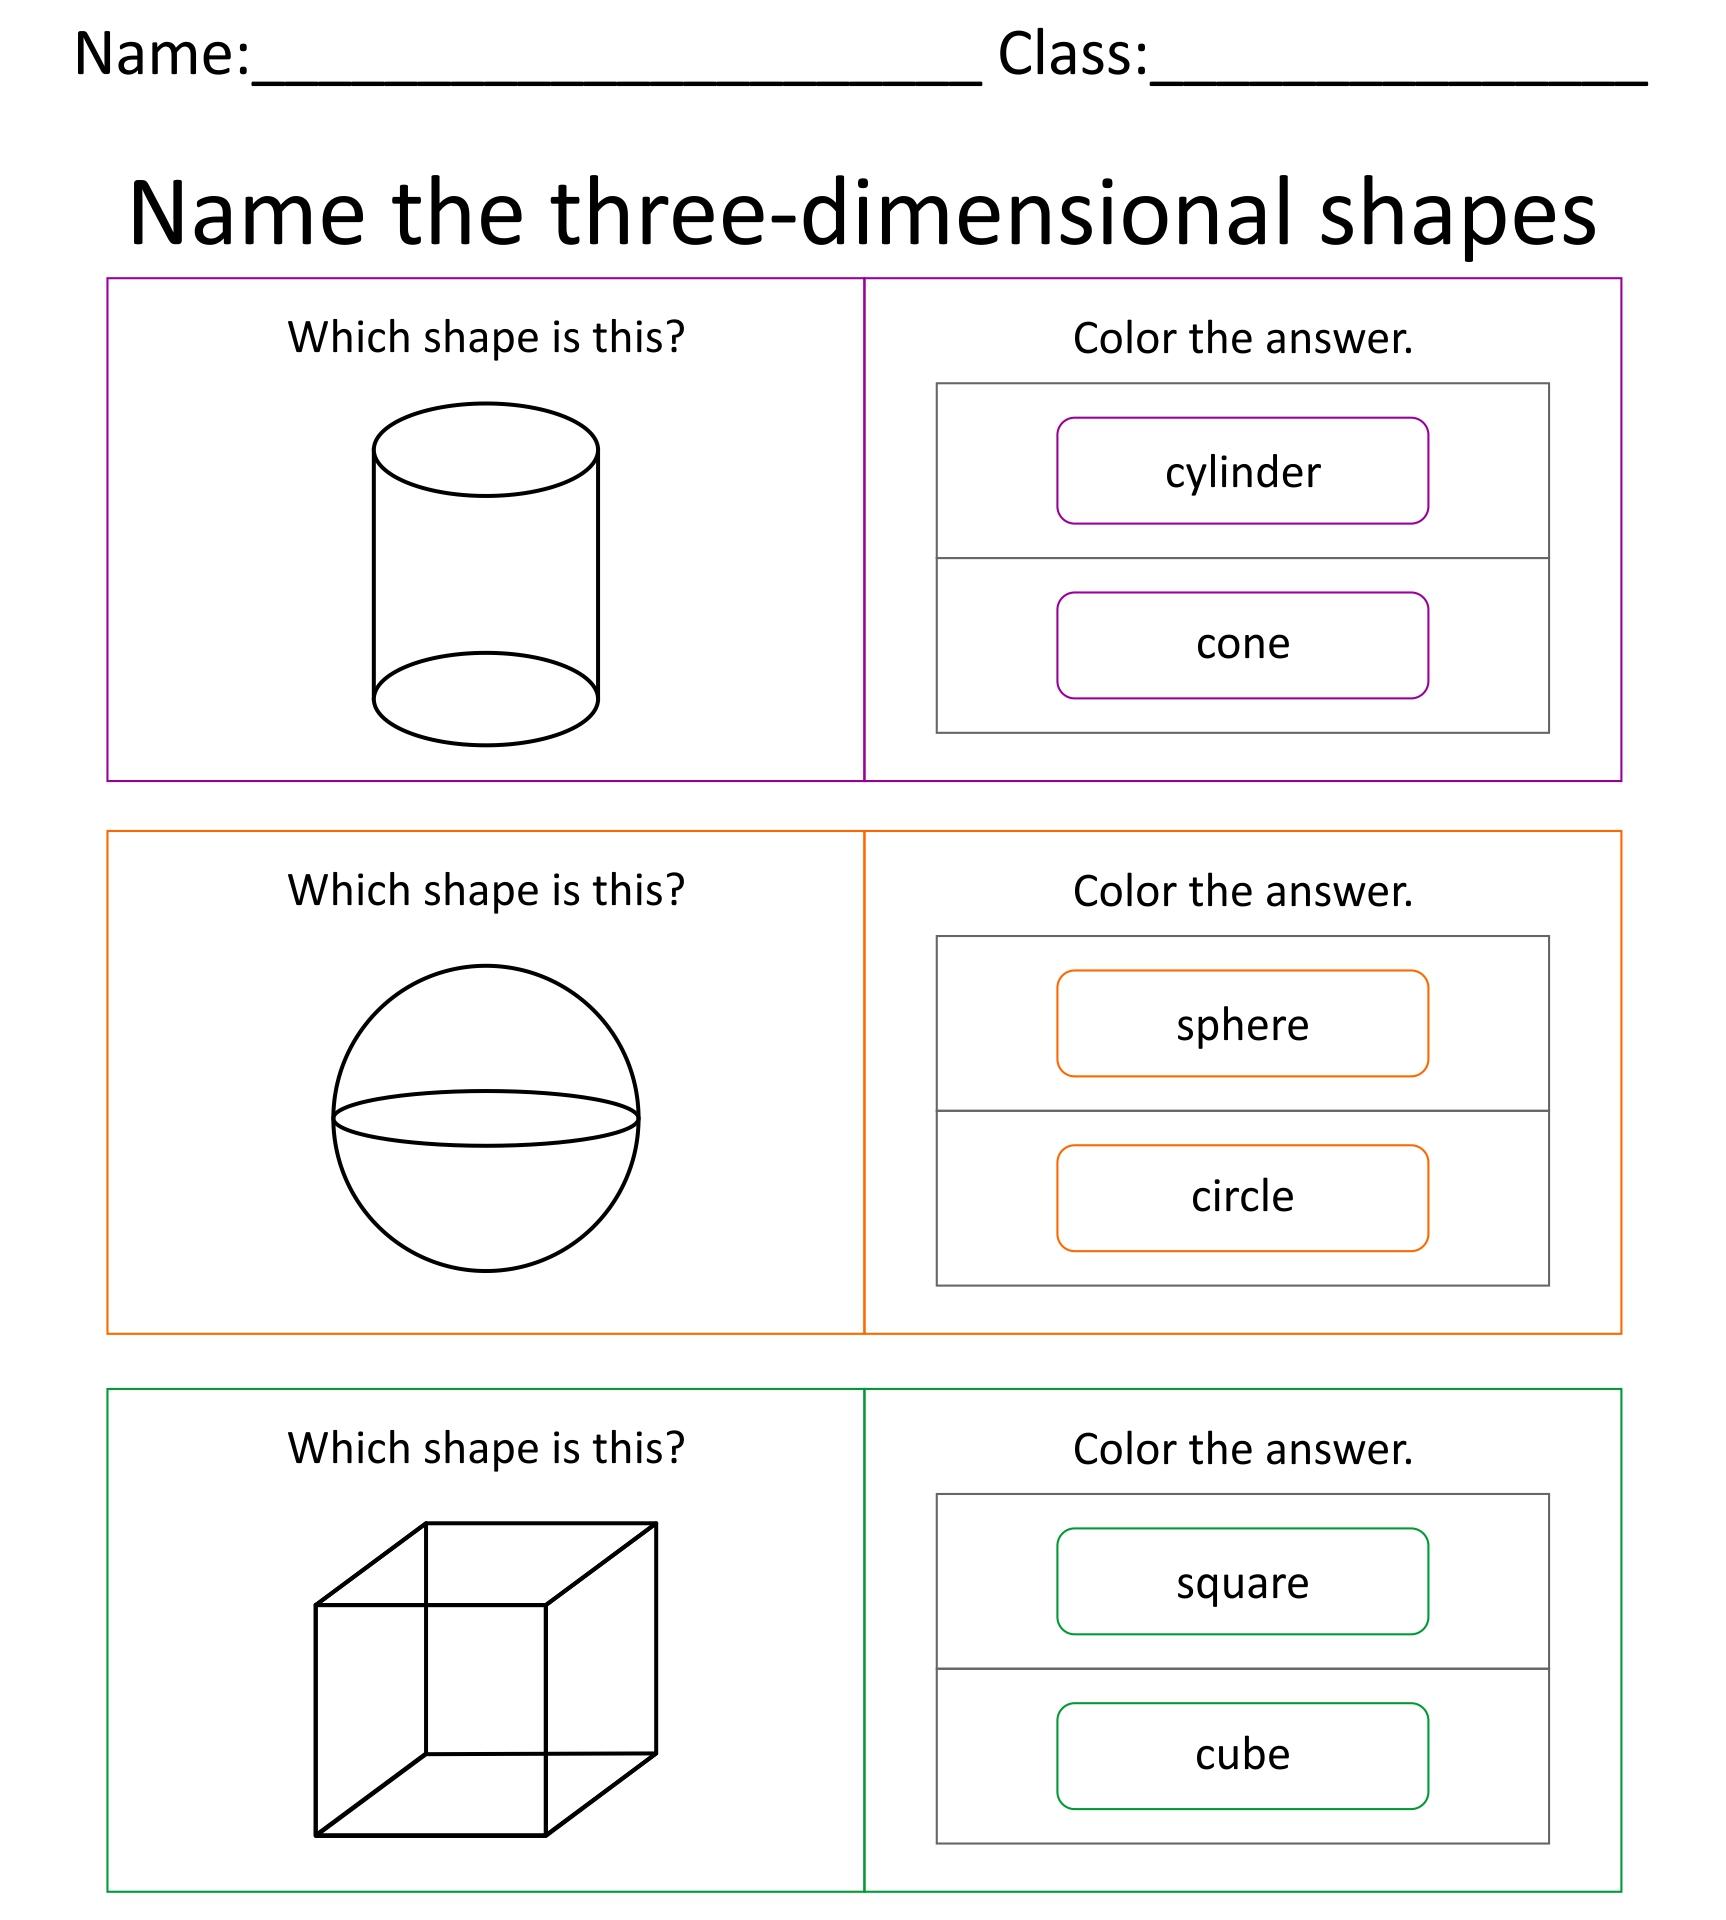 Printables 3d Shapes Worksheets printable 3d shapes worksheet march 2017 calendar number names worksheets shape free